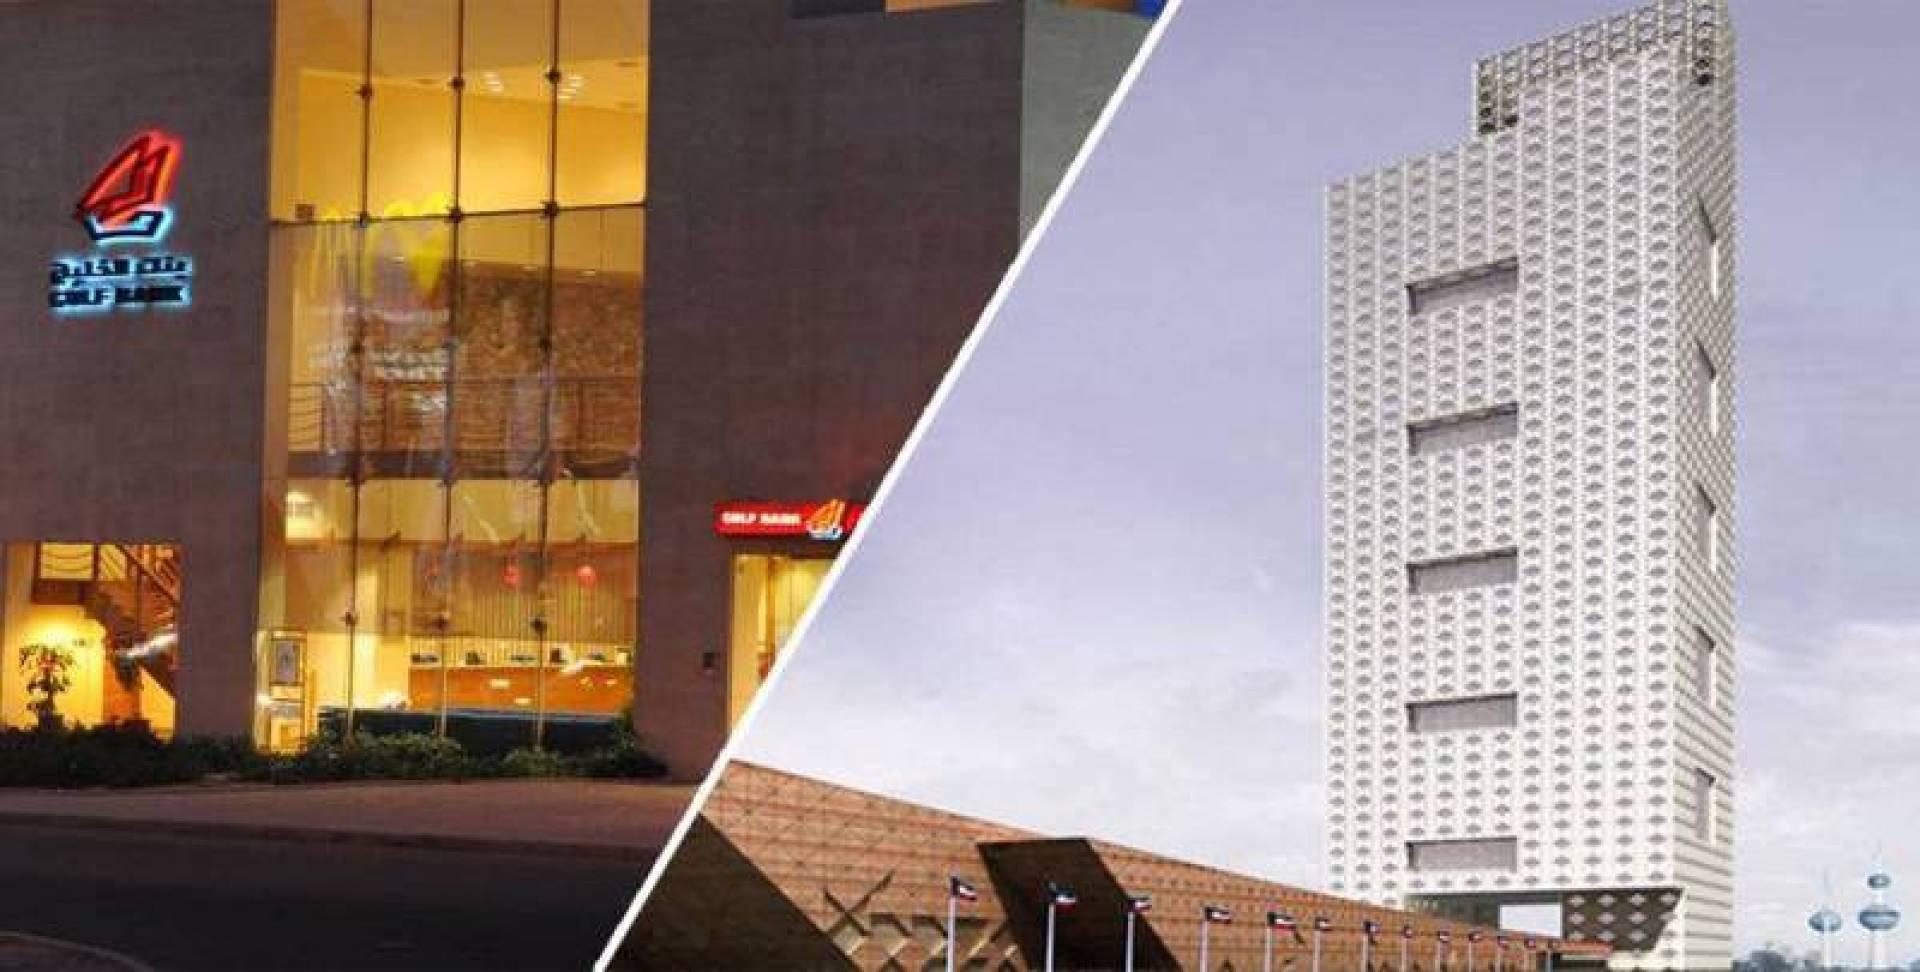 «المركزي»: بيع حصة «الهيئة» في «الخليج».. وافق المعايير المصرفية وقانون النقد